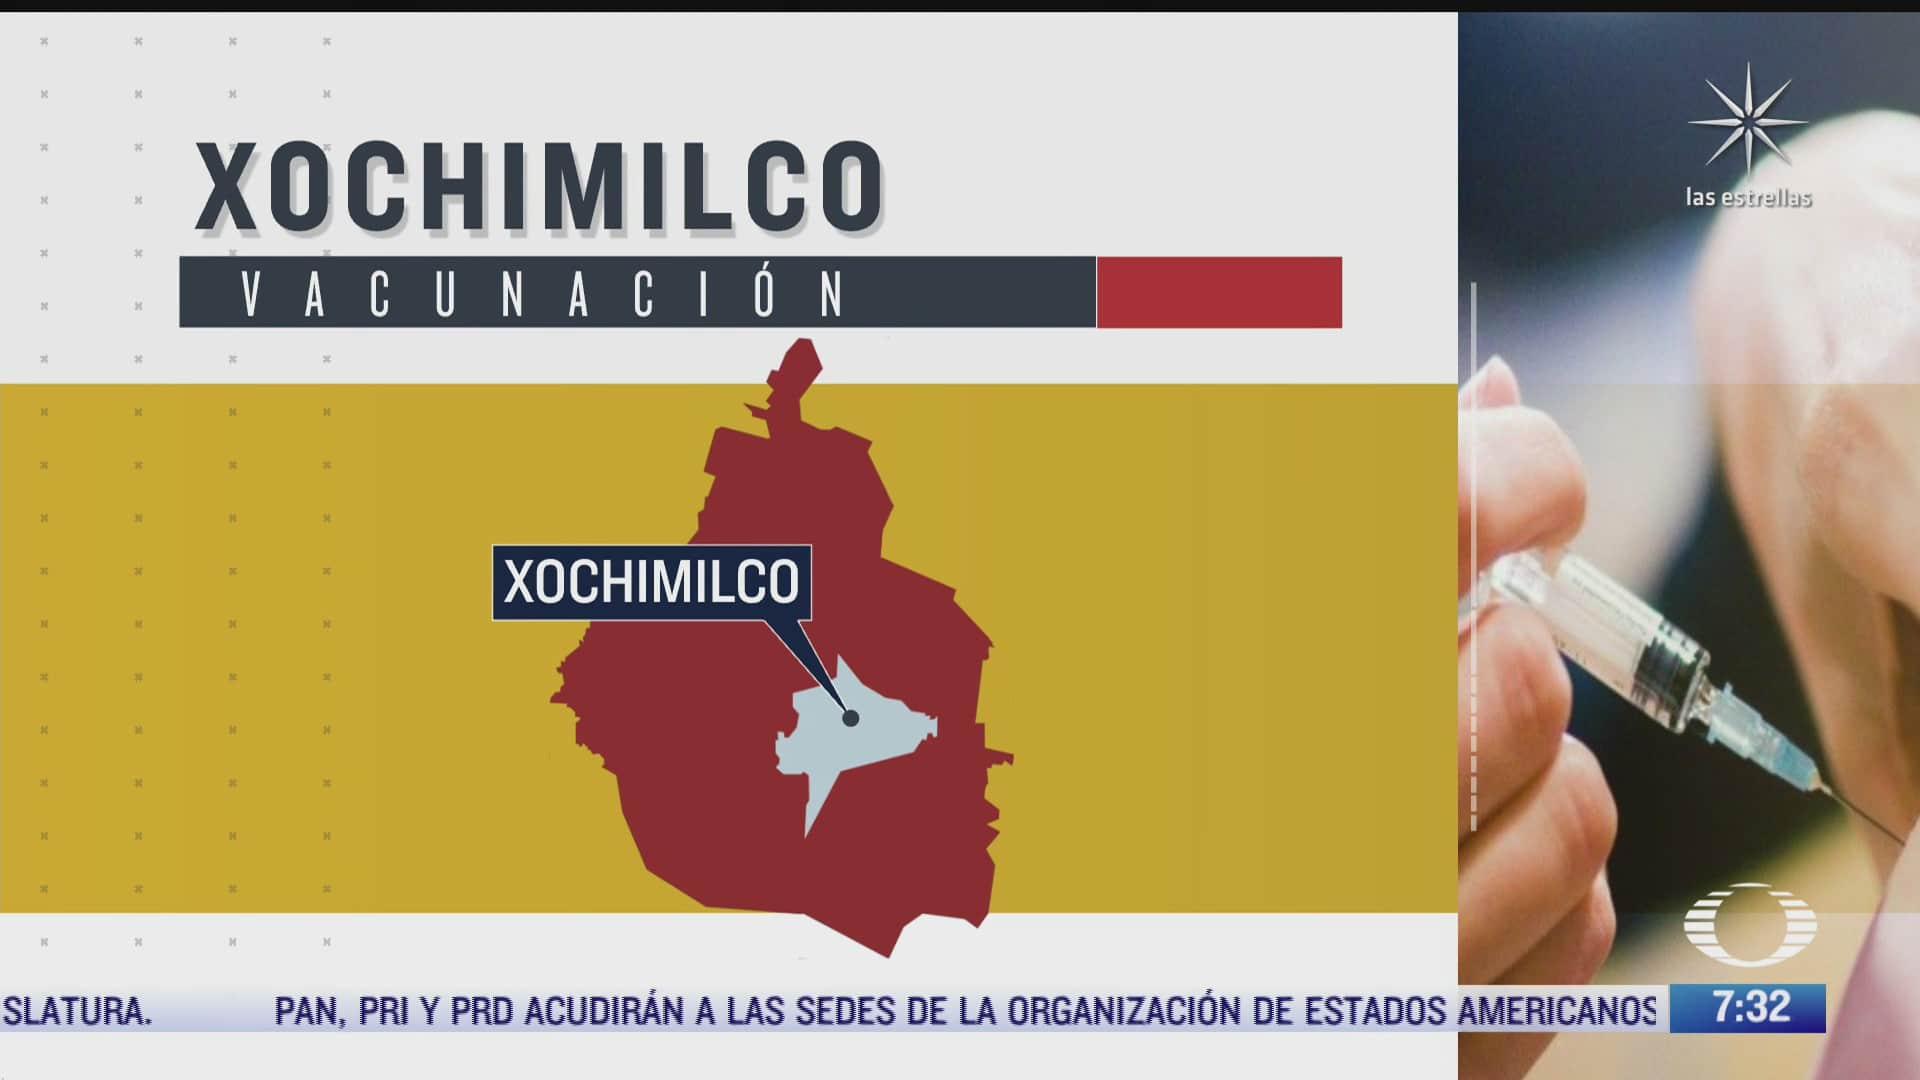 se termina vacuna covid 19 de pfizer en xochimilco y aplican sinovac